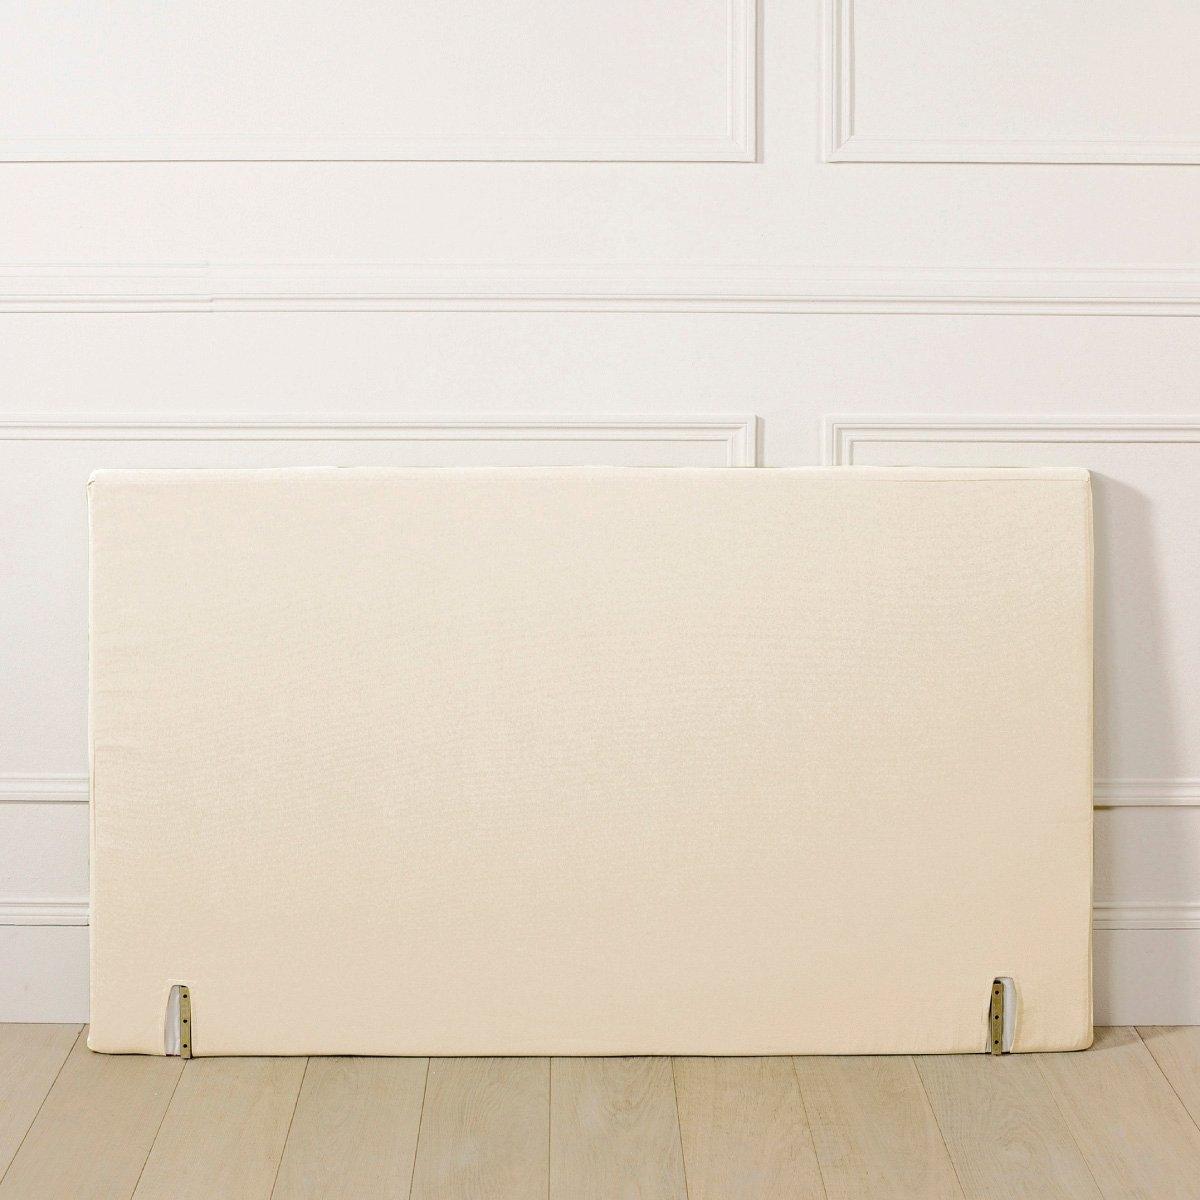 Чехол LaRedoute Для изголовья кровати прямой формы из поликоттона 160 x 85 см белый